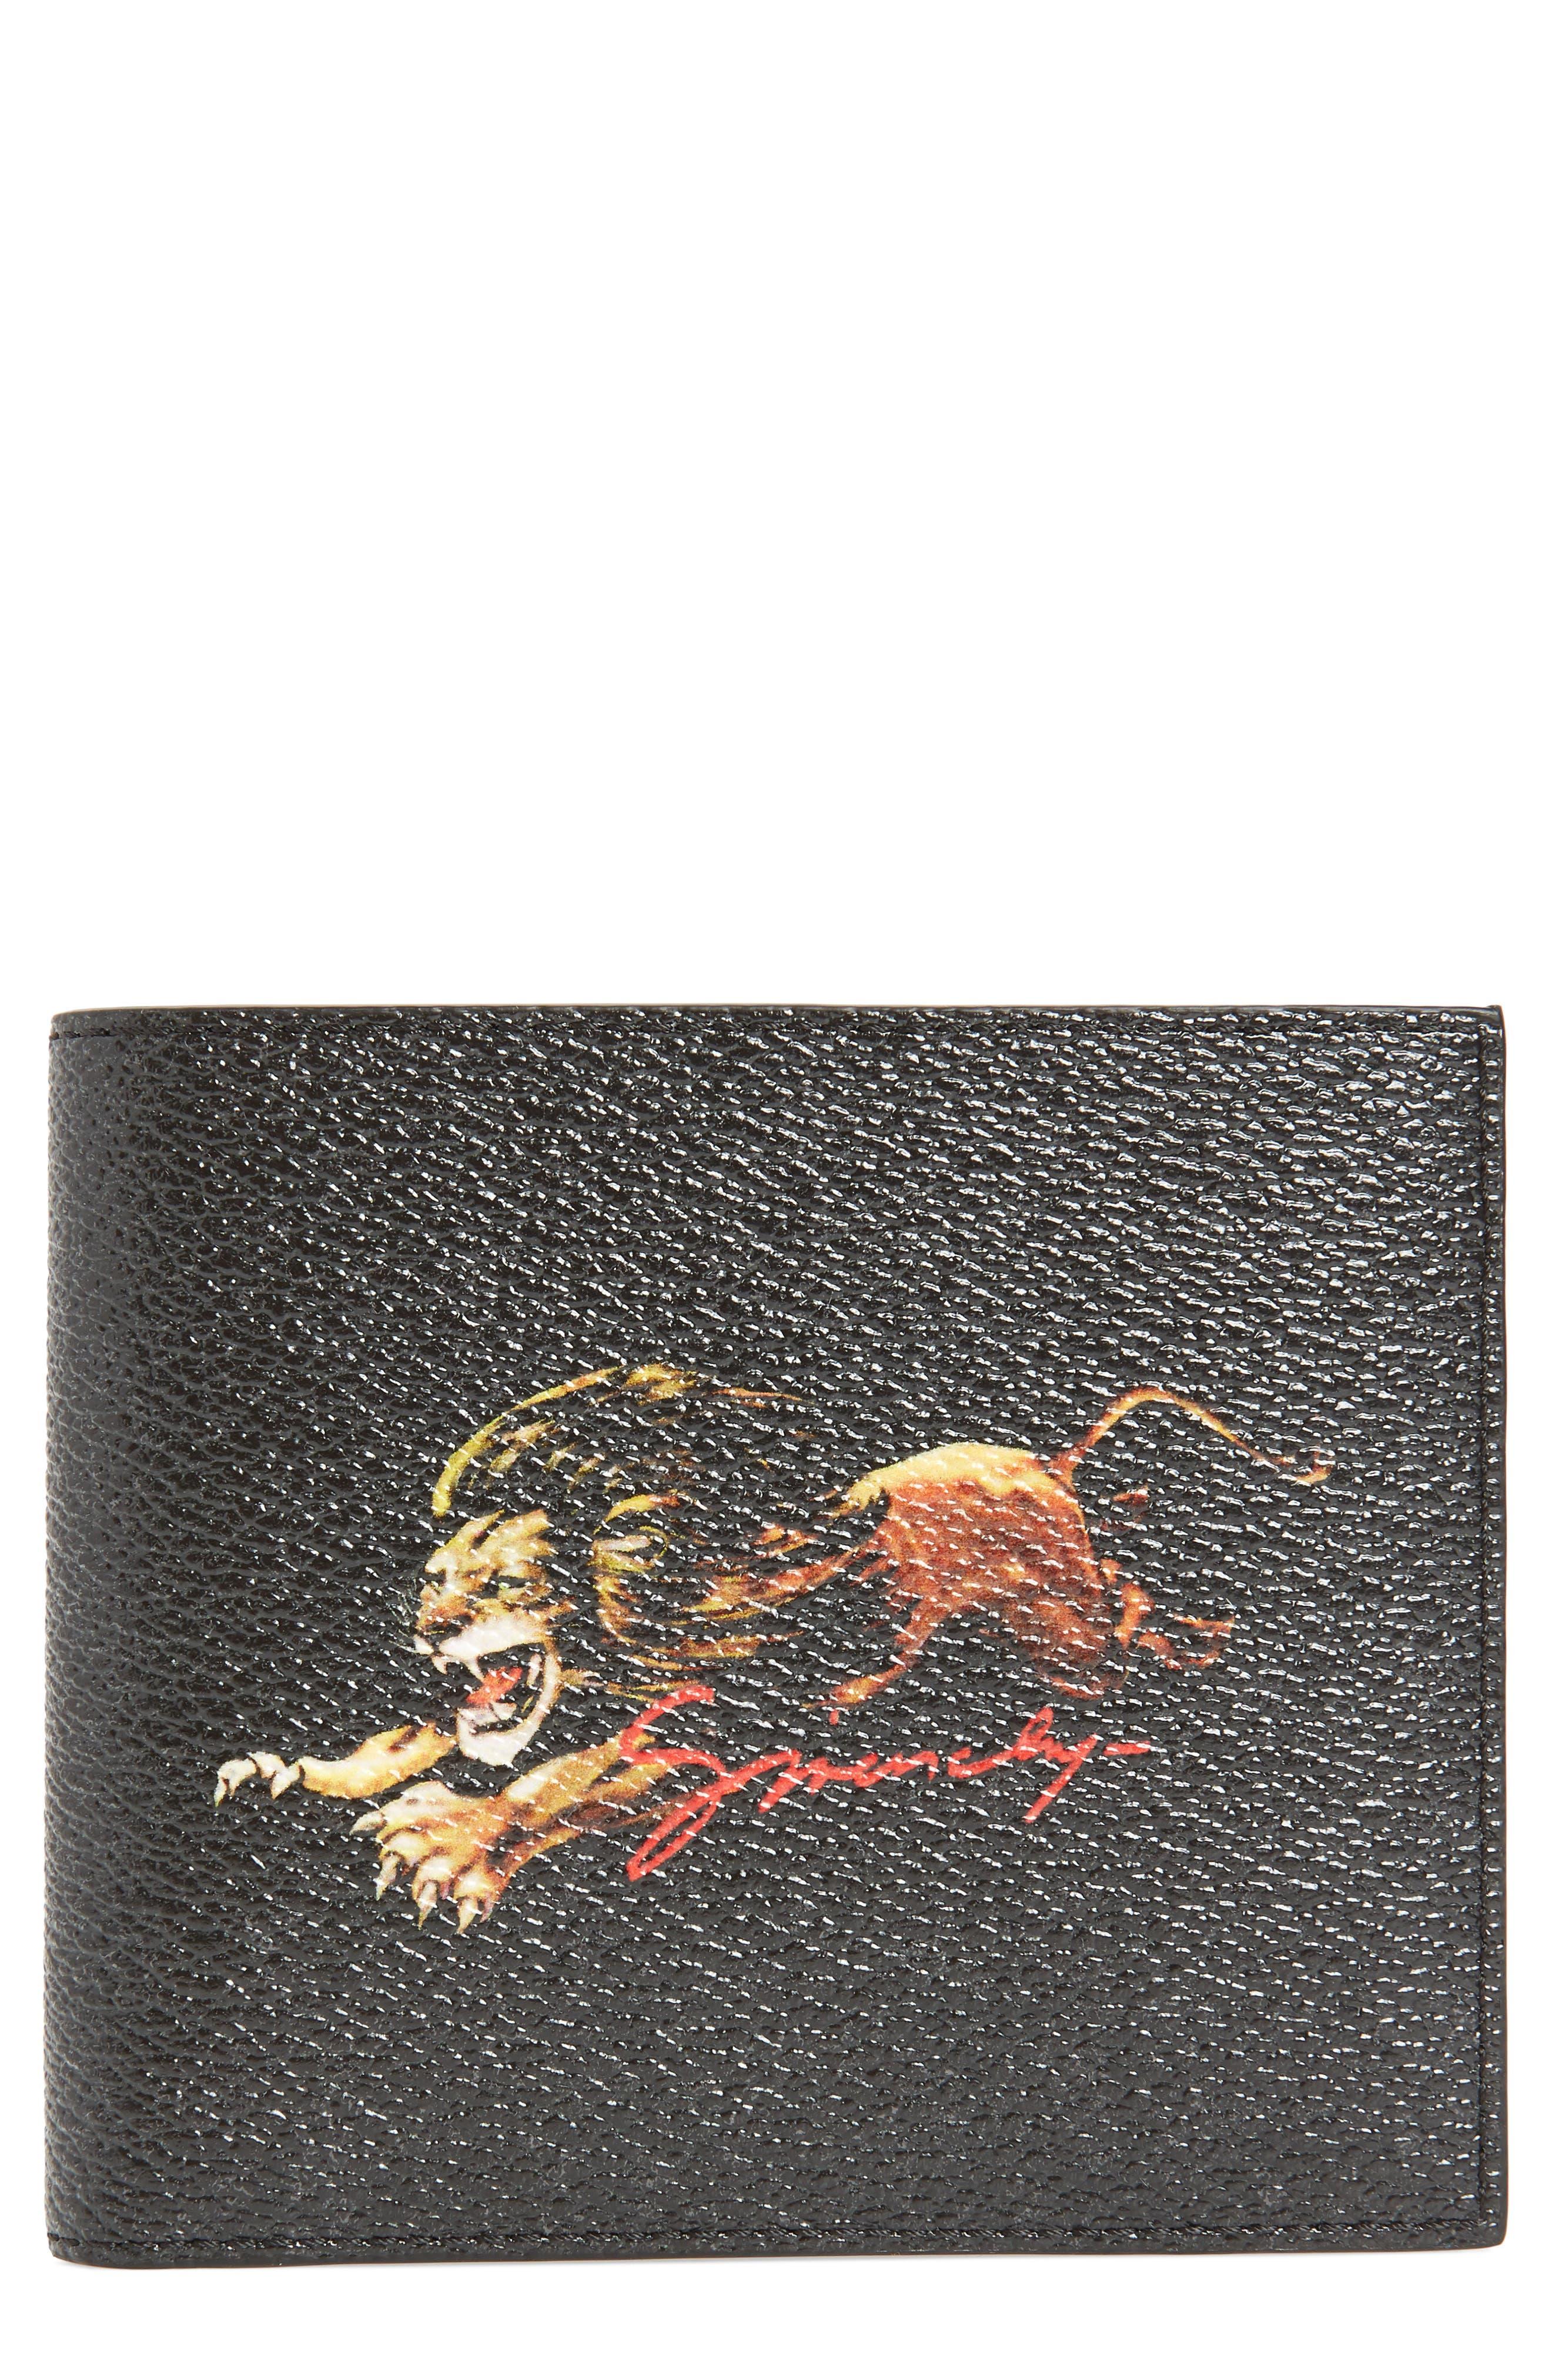 Lion Print Faux Leather Bifold Wallet,                             Main thumbnail 1, color,                             BLACK MULTI